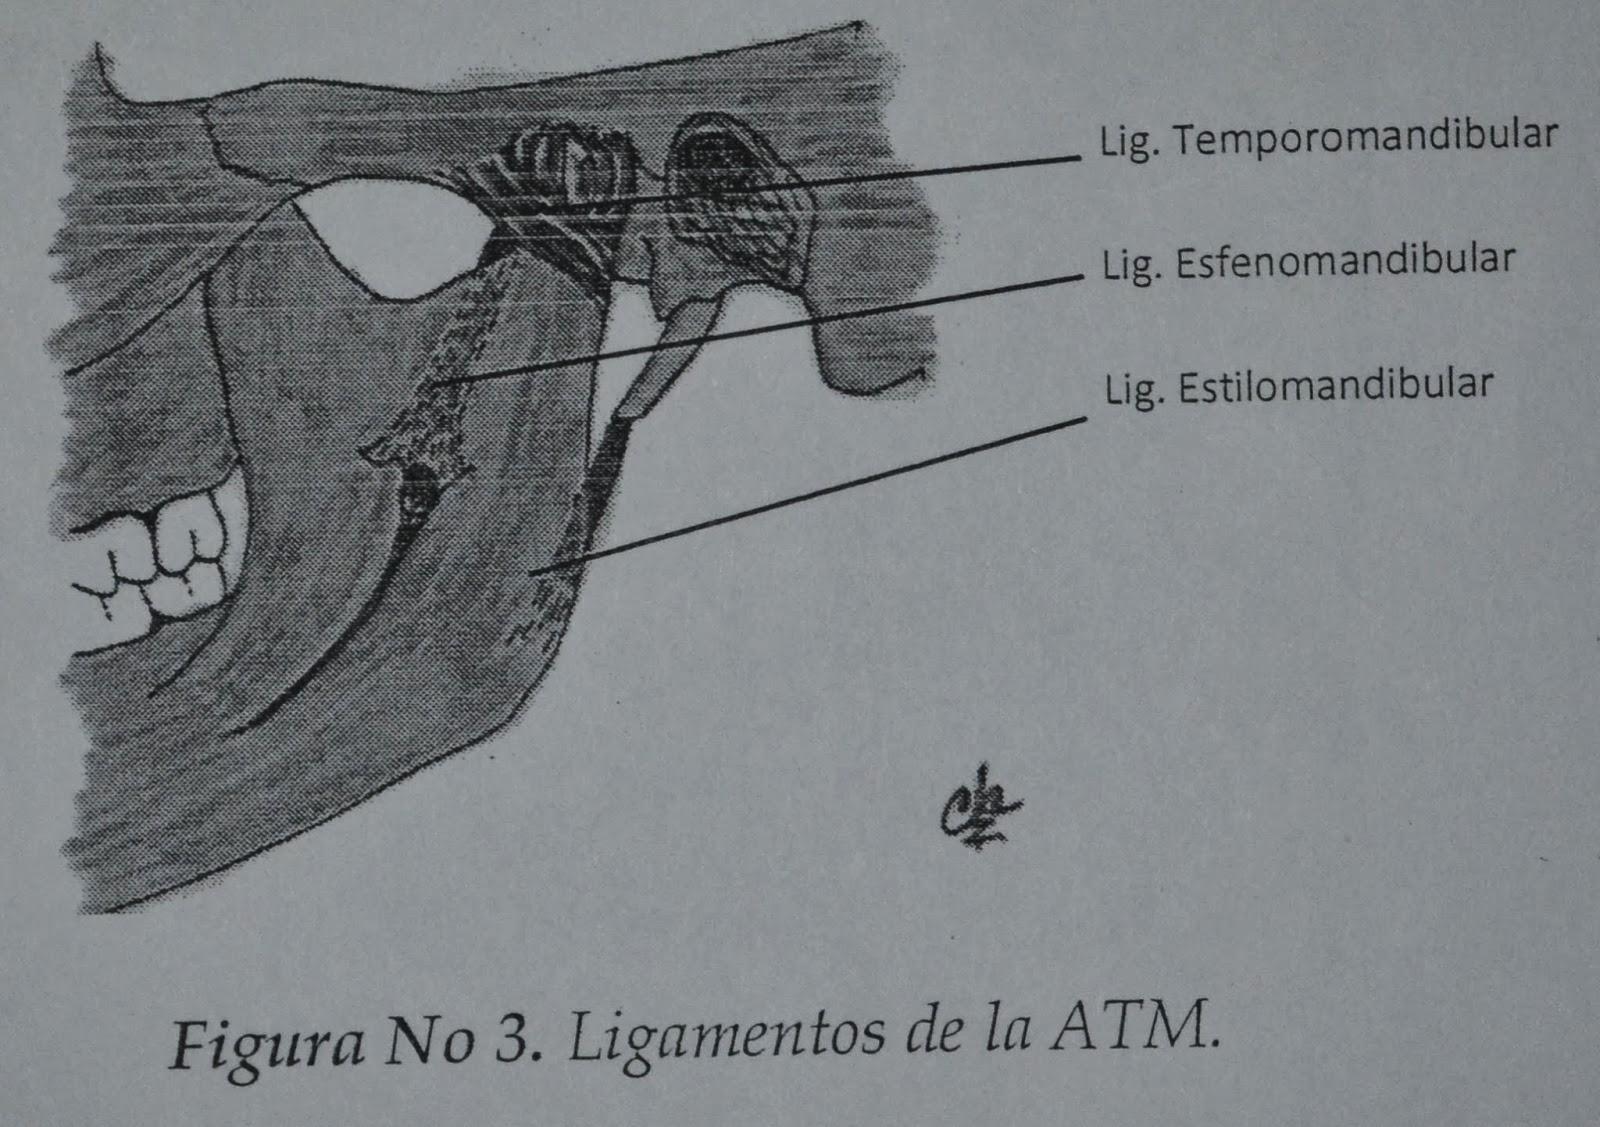 Orthodontics Team: ANATOMÍA CLÍNICA DE LA ARTICULACIÓN ...